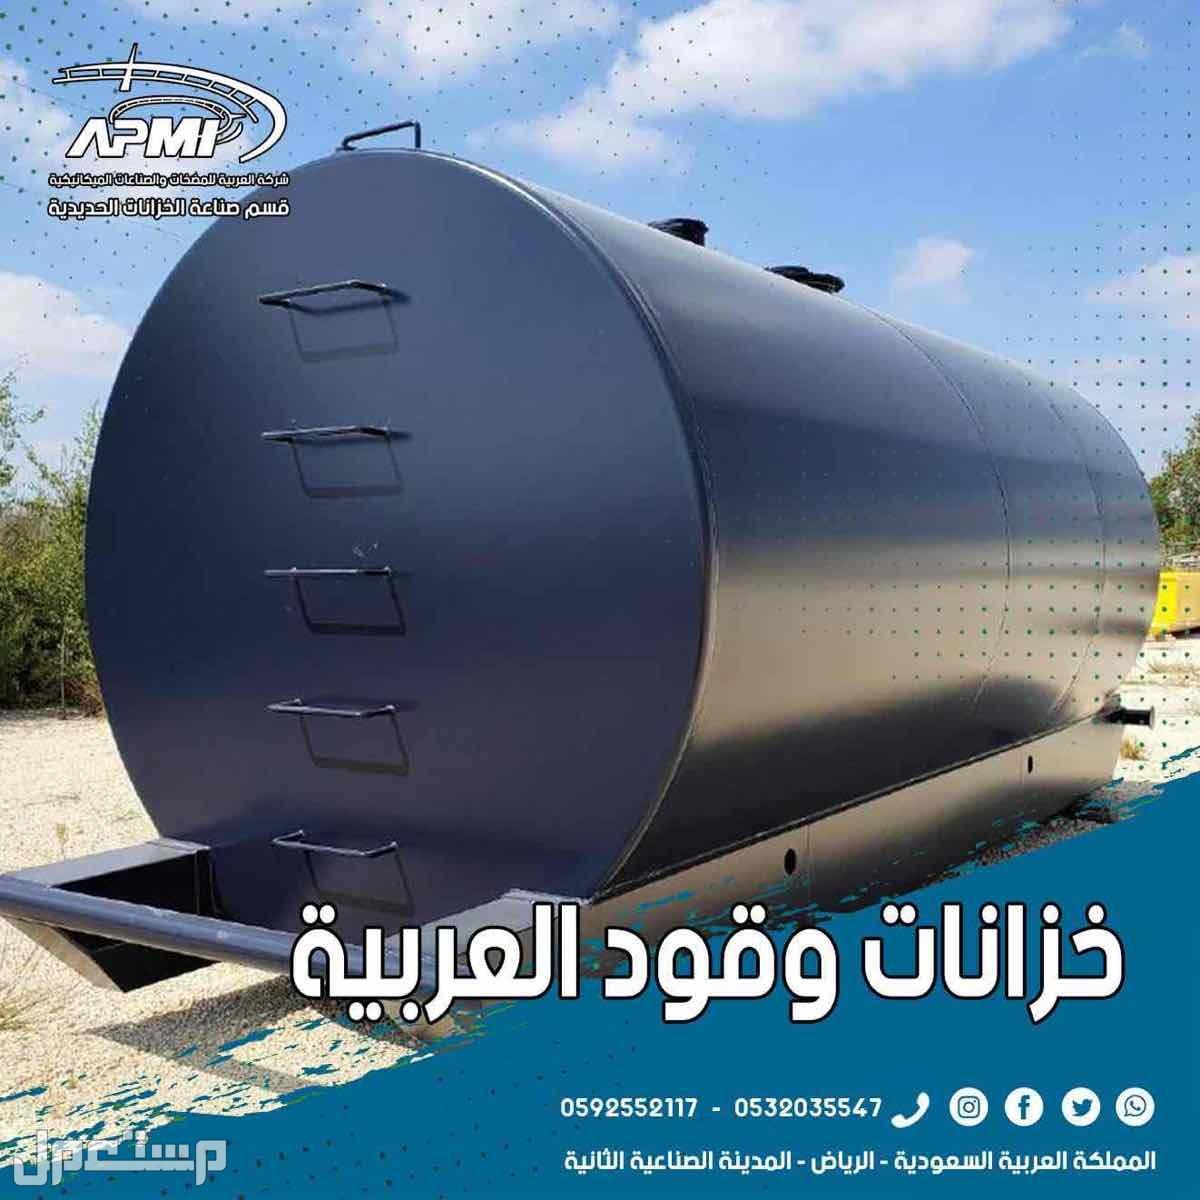 خزانات وقود ارضيه مدفونه معزوله ومطابقه للمواصفات